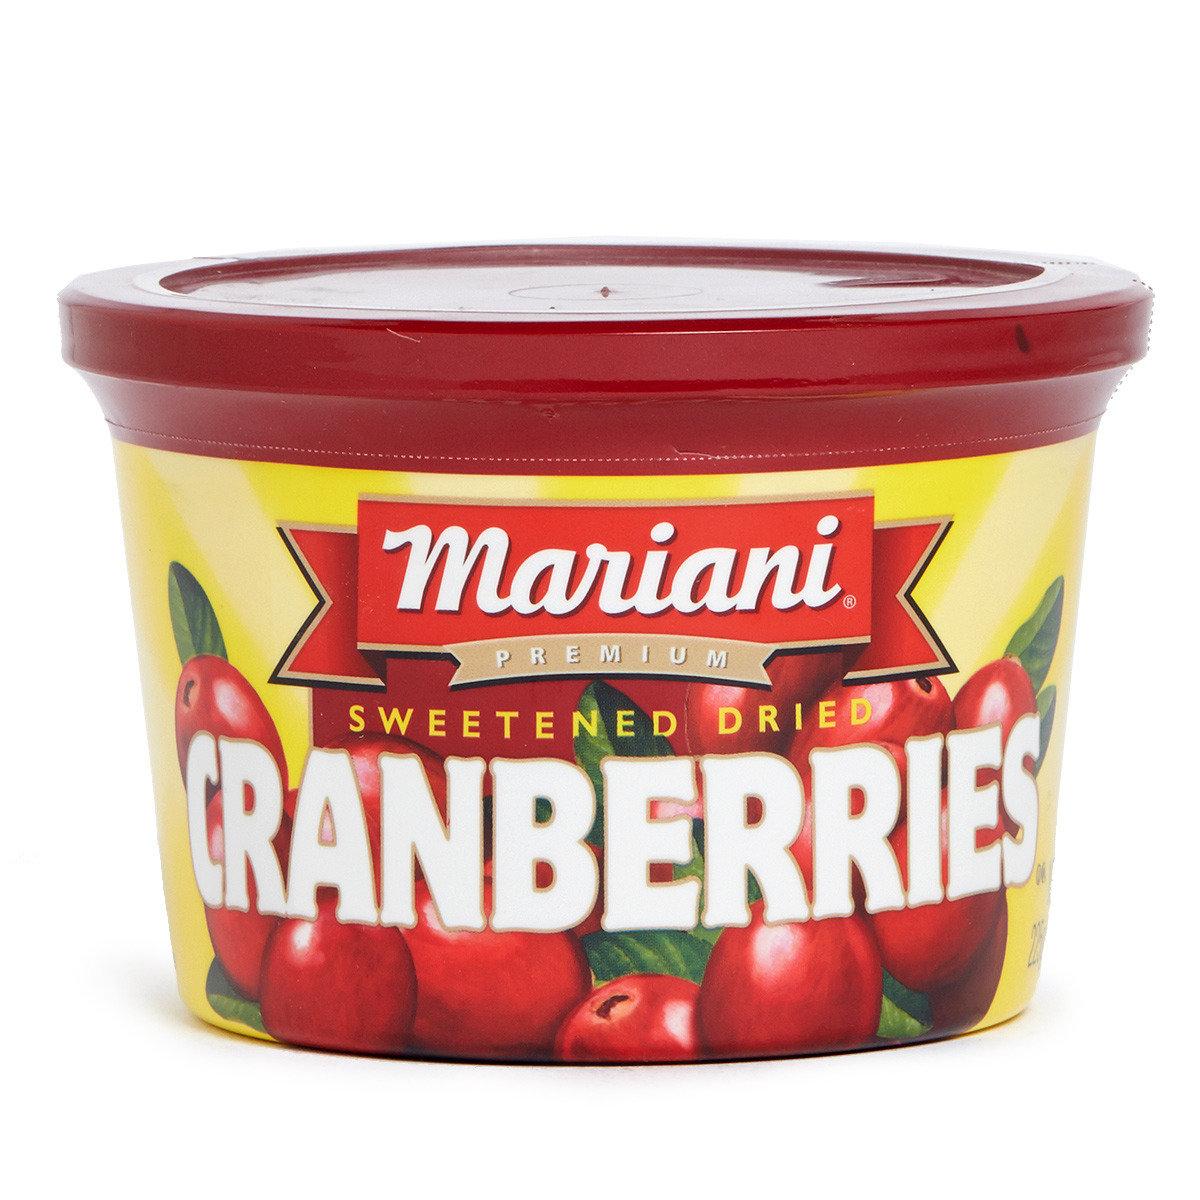 桶裝特級金巴利莓